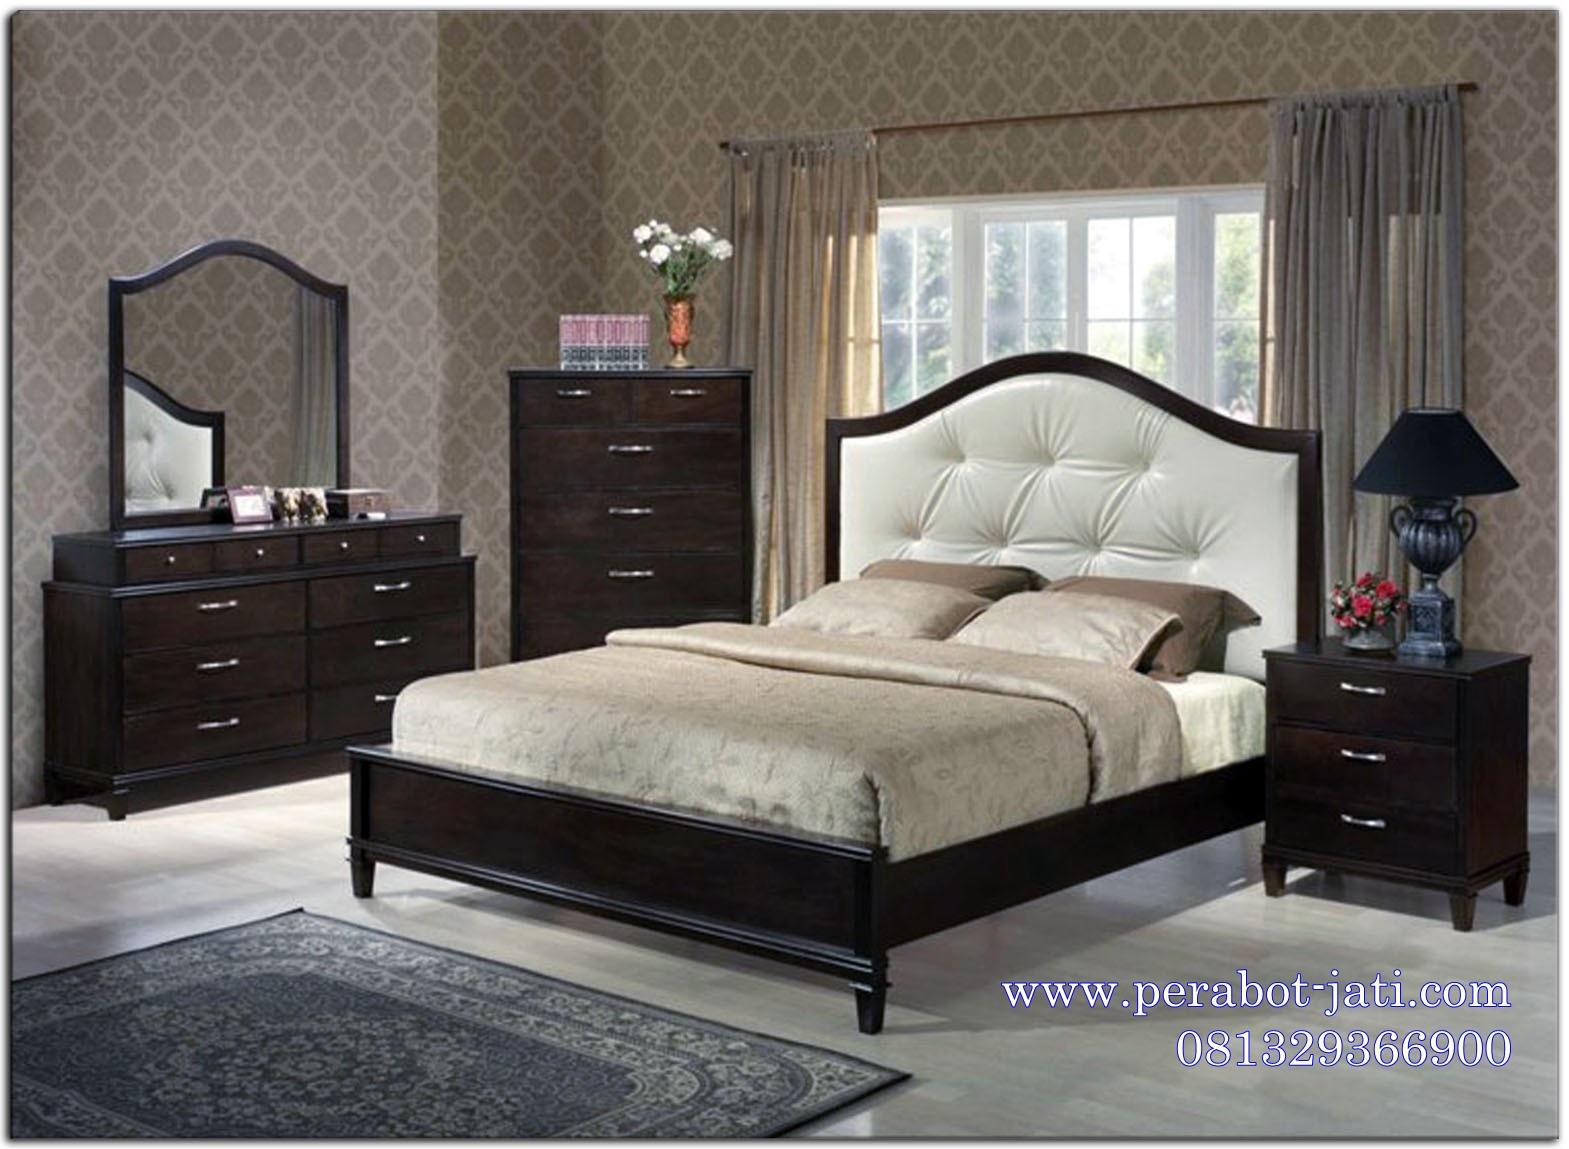 tidur mewah dan elegan model minimalis monaco toko furniture online